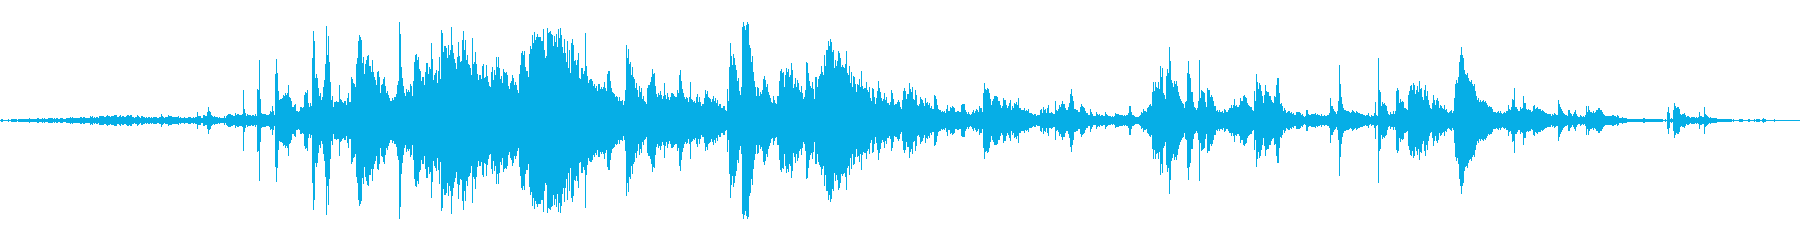 グラスフォールズミディアム;中程度...の再生済みの波形